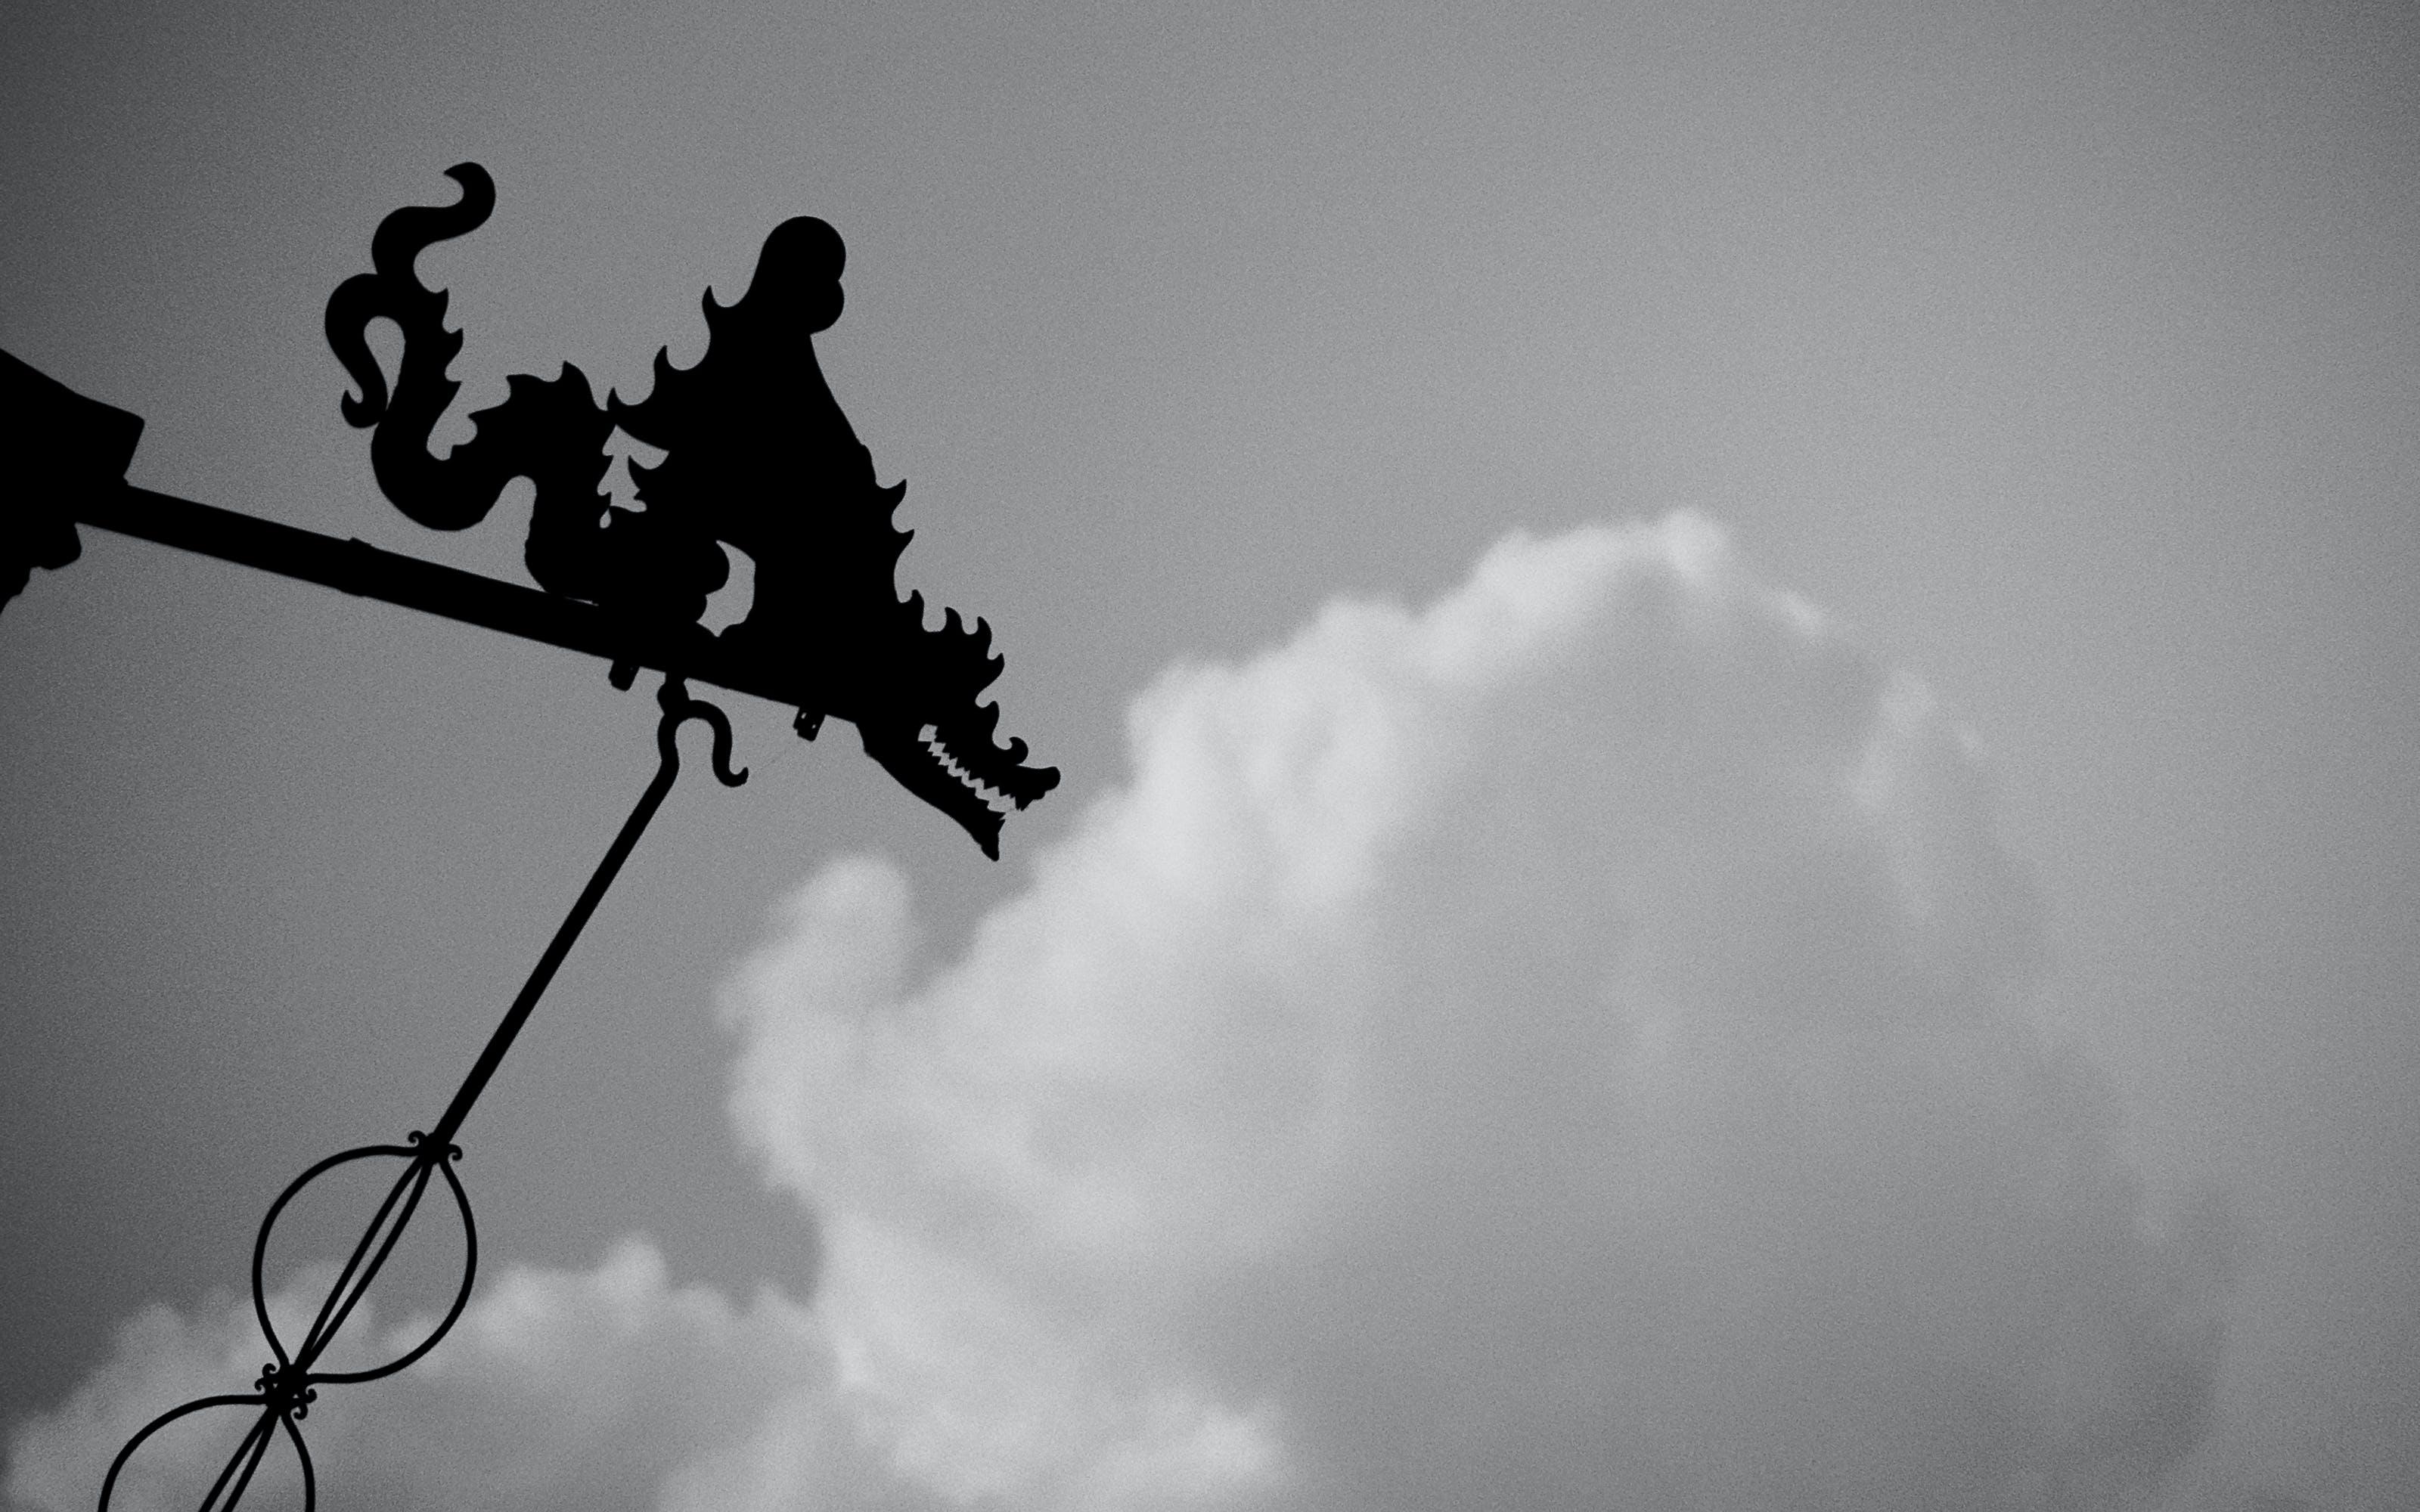 Δωρεάν στοκ φωτογραφιών με αγαλματίδιο, ασπρόμαυρο, δράκος, σύννεφο